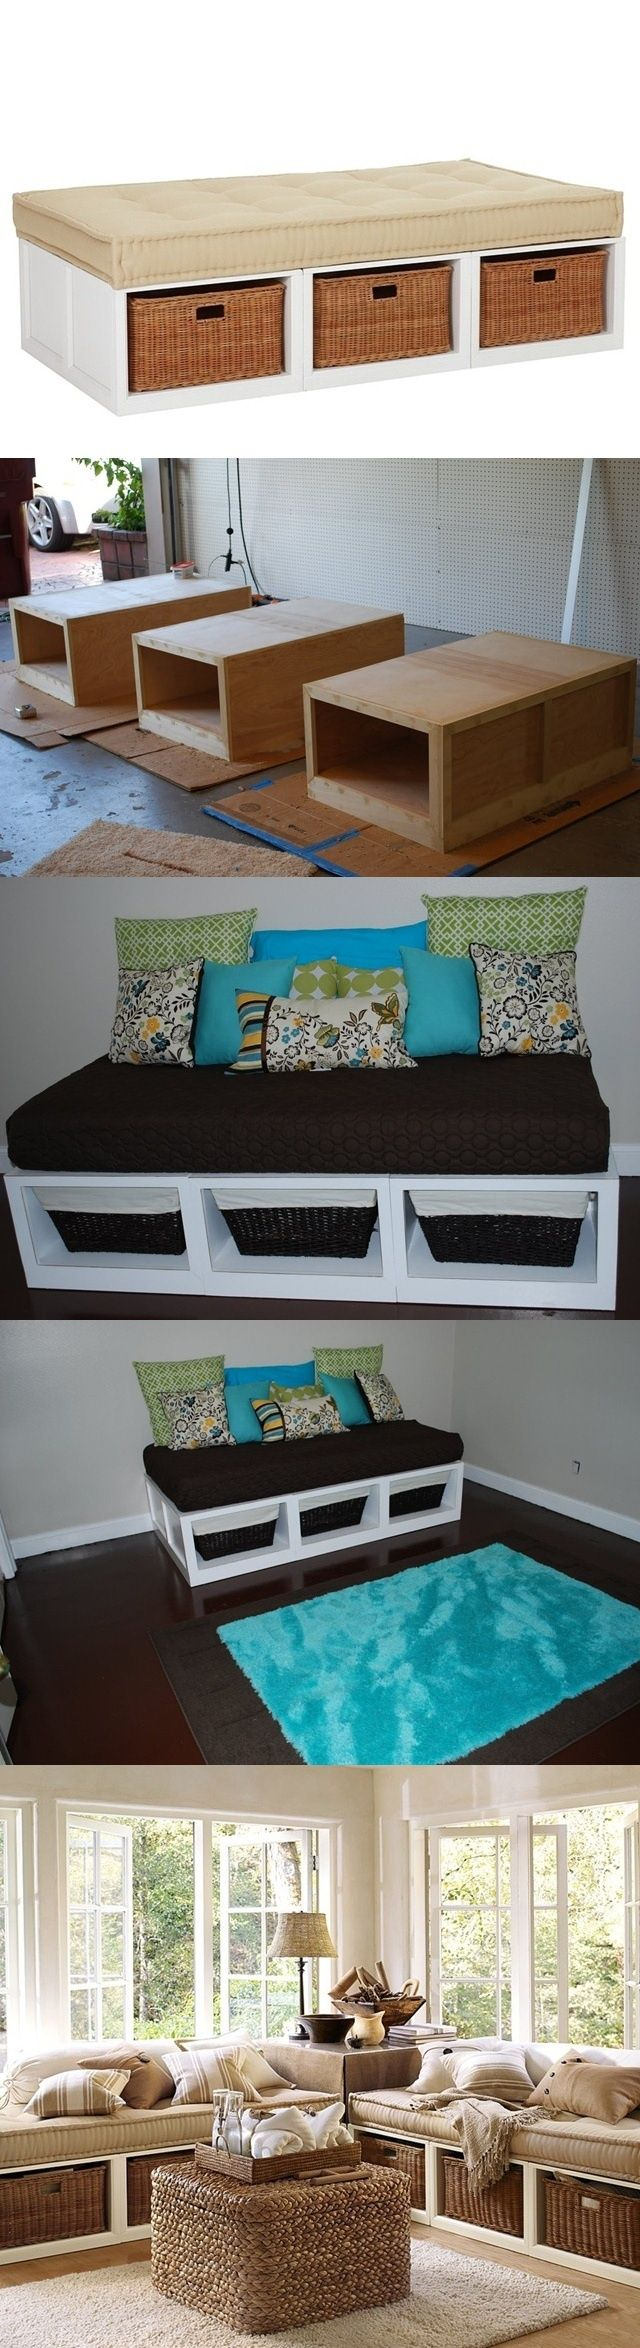 Como fazer um sofá. Olhando revistas casa interiores e catálogos de móveis, vê o sofá para a sala de estar, que é um quadro com colchão. É muito prático, é lindo, mas é caro. Pode fazer o seu próprio! É bastante simples. A base do sofá - uma armação de duas guias e algumas cruzes. Se olhar melhor, são caixas unidas. Você precisa de madeira (largura mínima 12 mm). Desenhe o futuro sofá, e por sua própria escala fazer três caixas de compensado. Pintá-las. Fixá-las juntas, colocar um colchão.